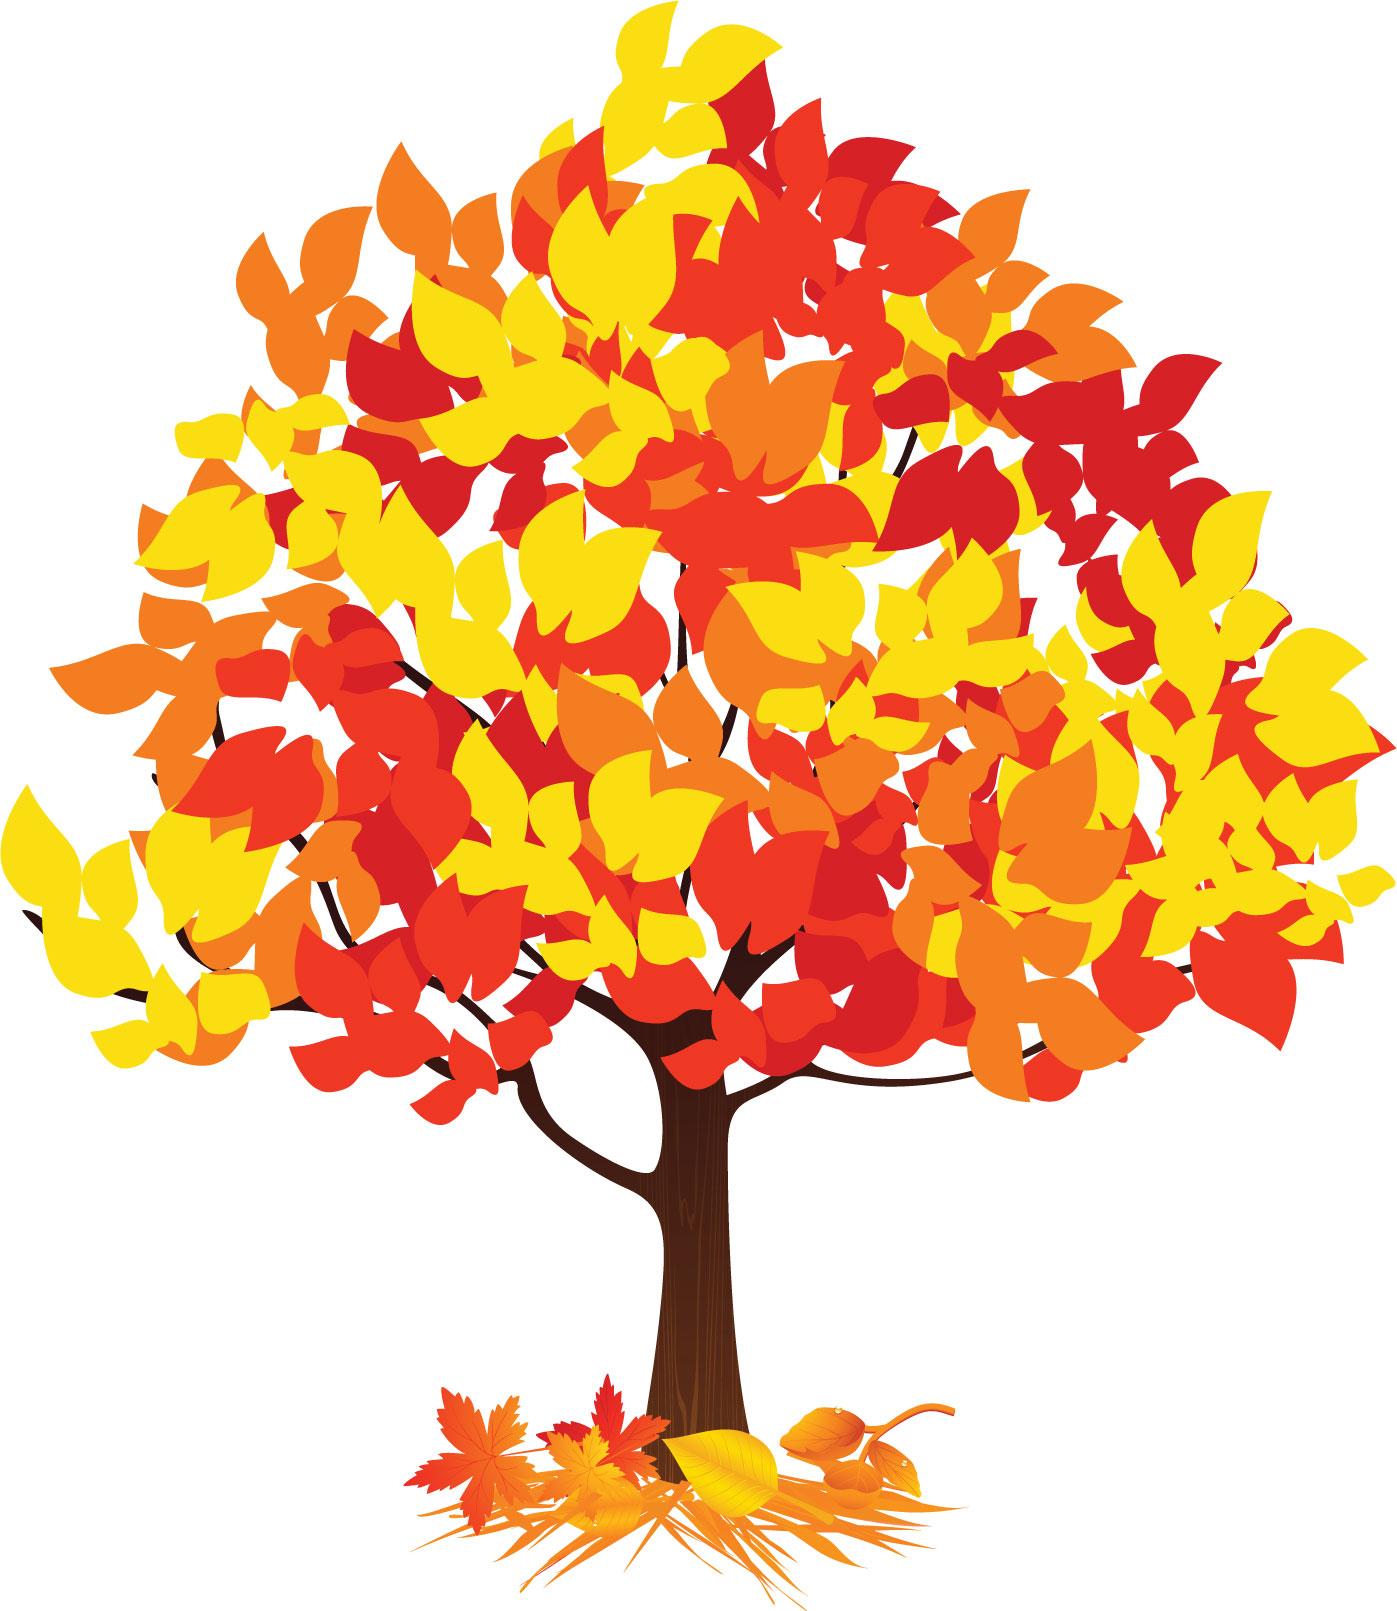 Дерево с осенними листьями картинка для детей, поздравления